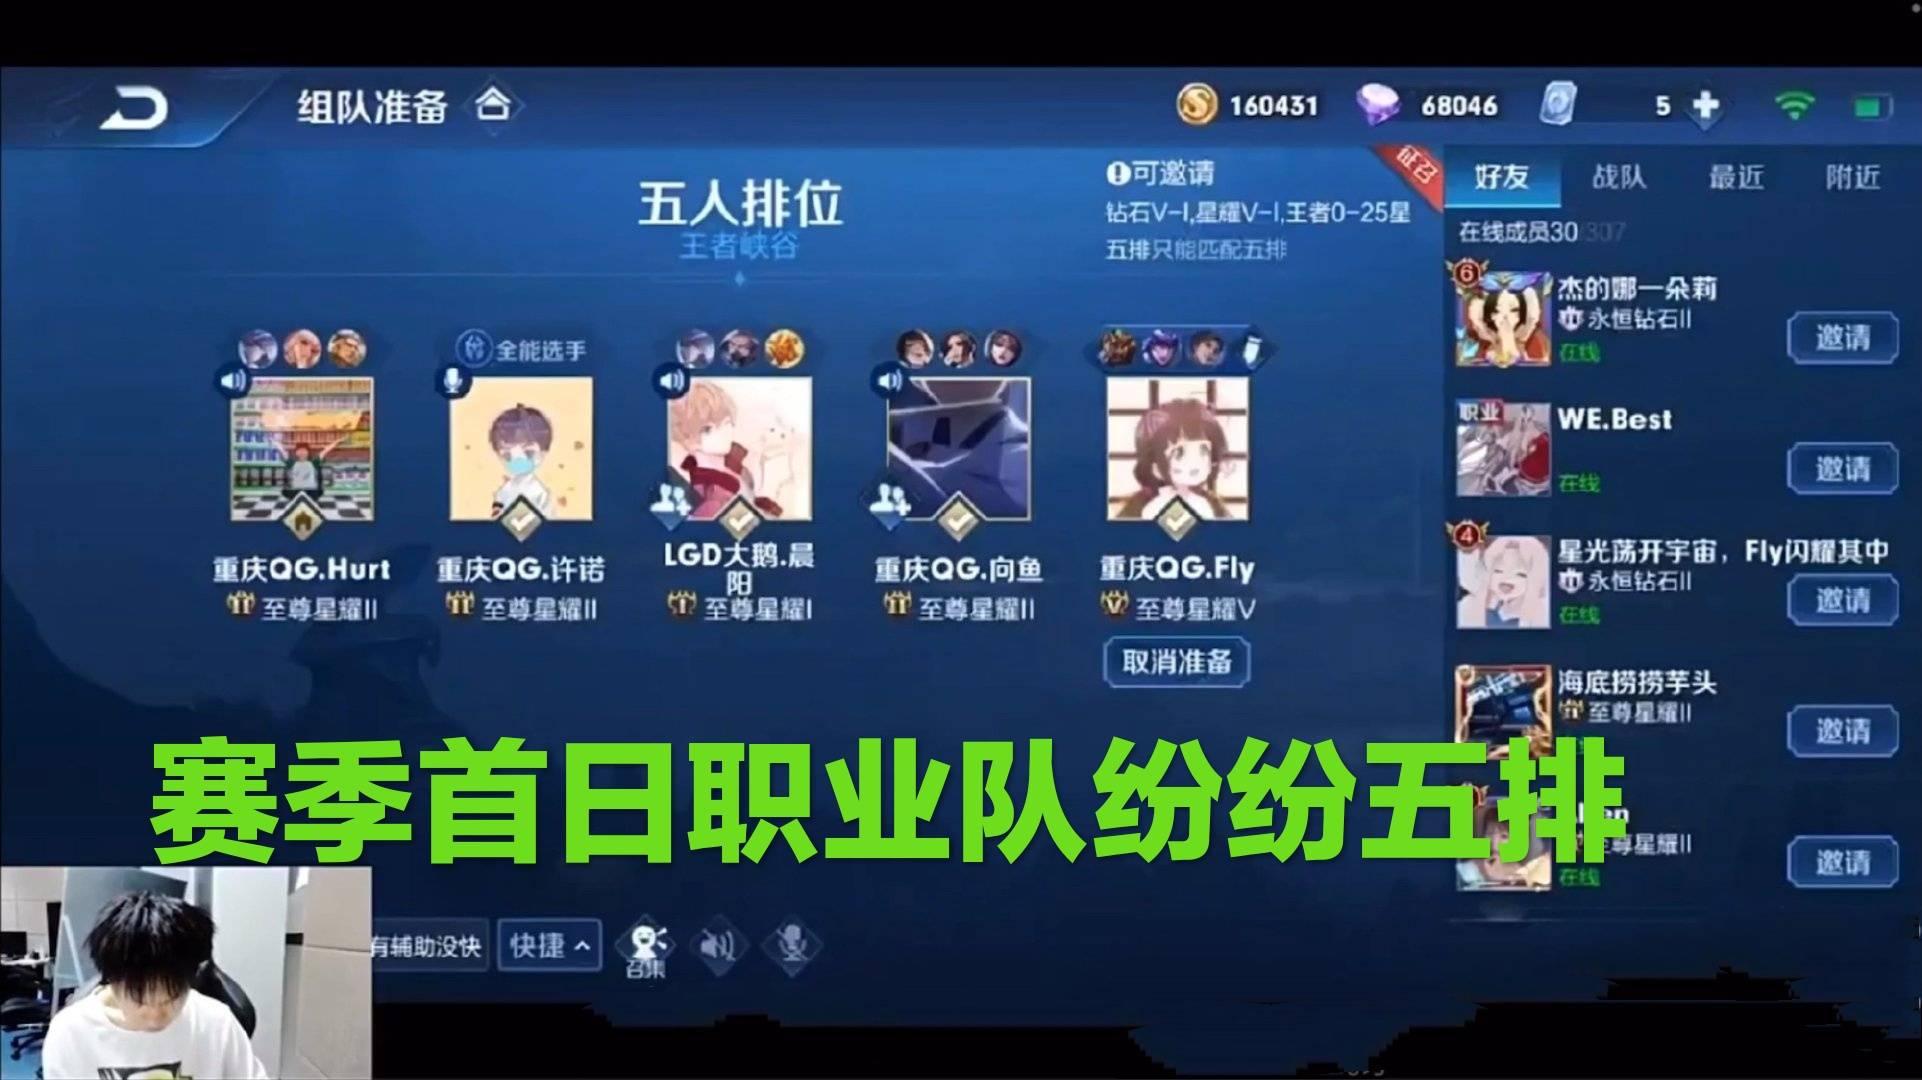 赛季首日职业冲分,E星输给Hero,AG翻车,QG五排打不过主播队